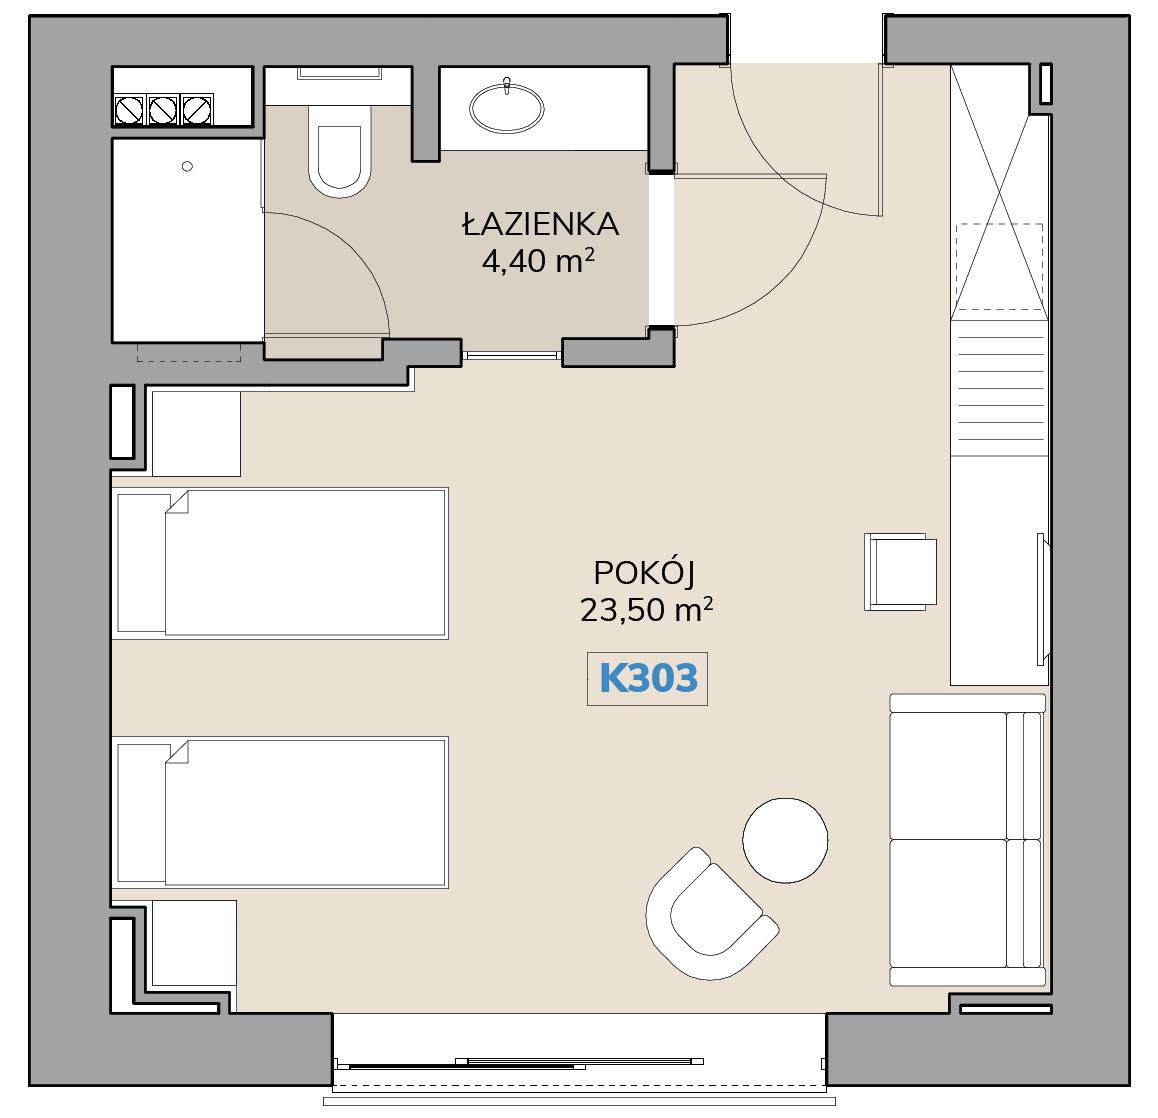 Apartament K303